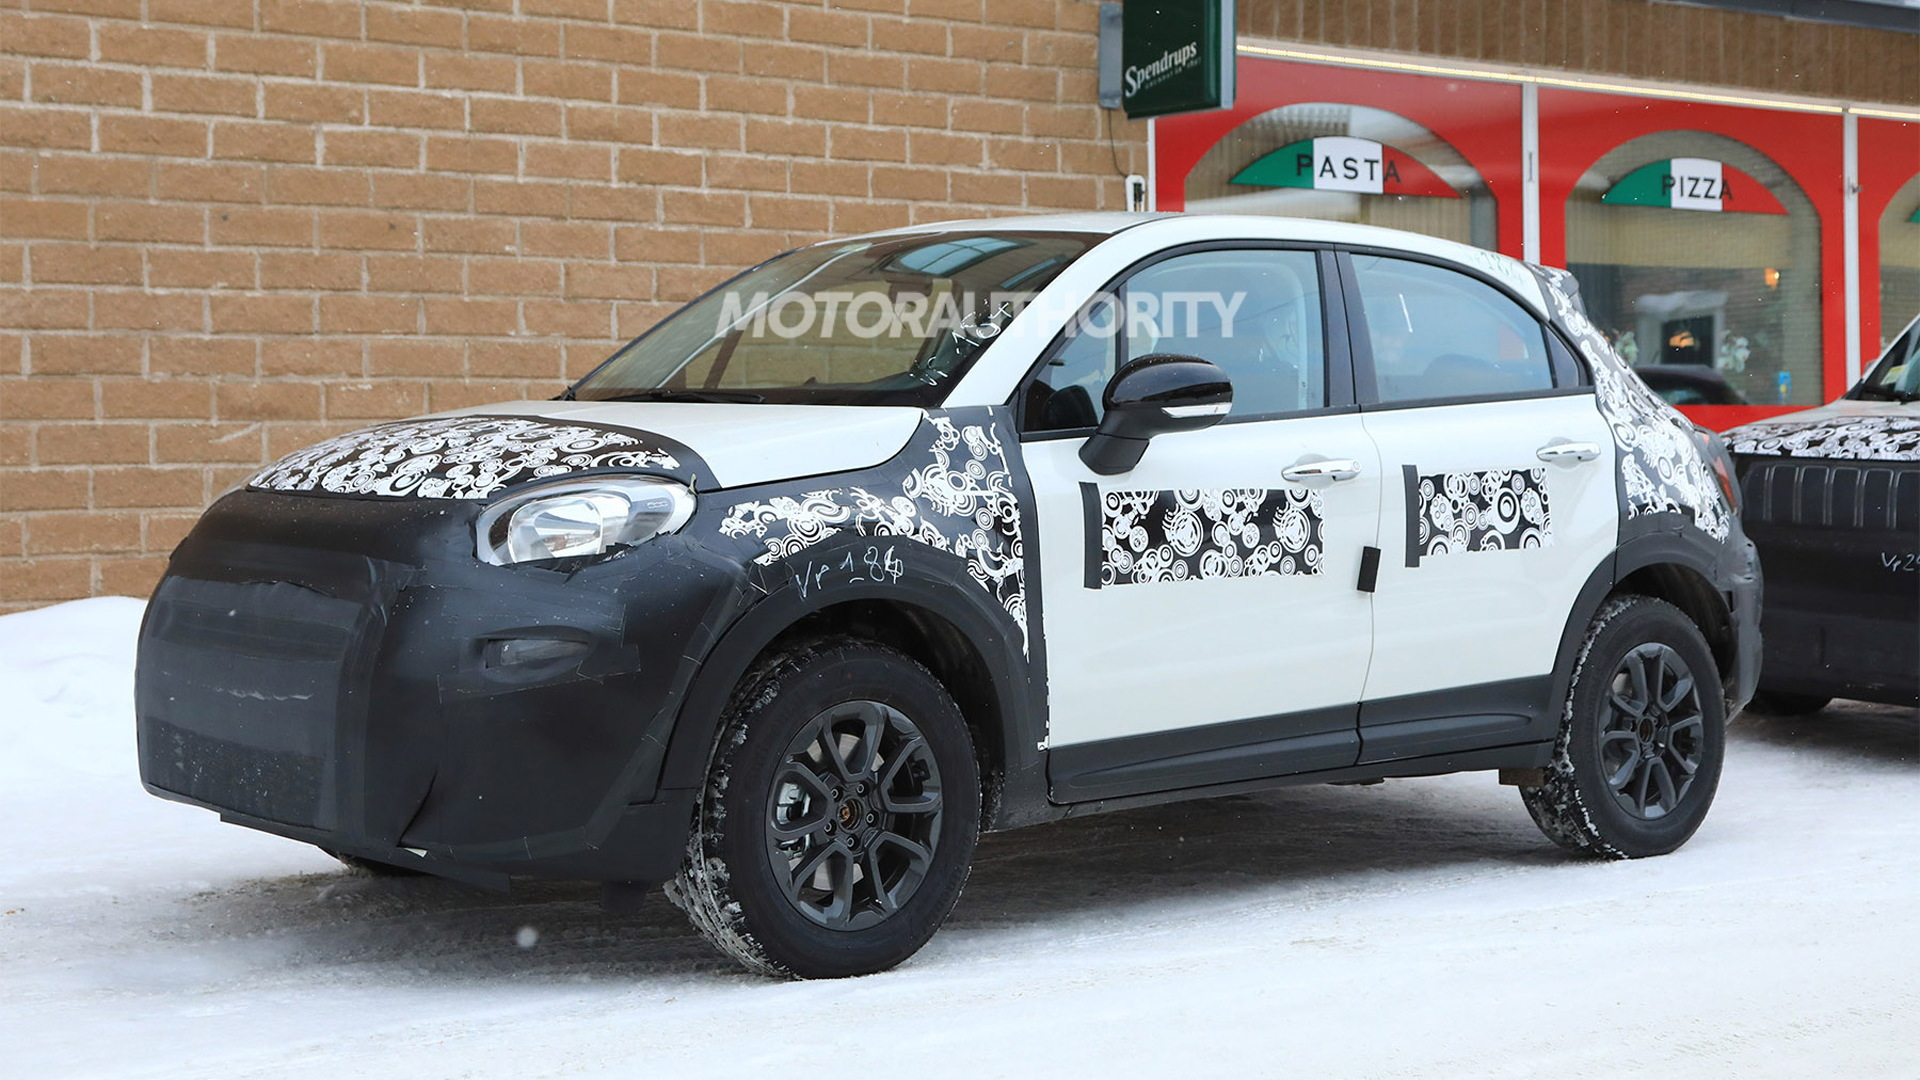 2019 Fiat 500x Spy Shots